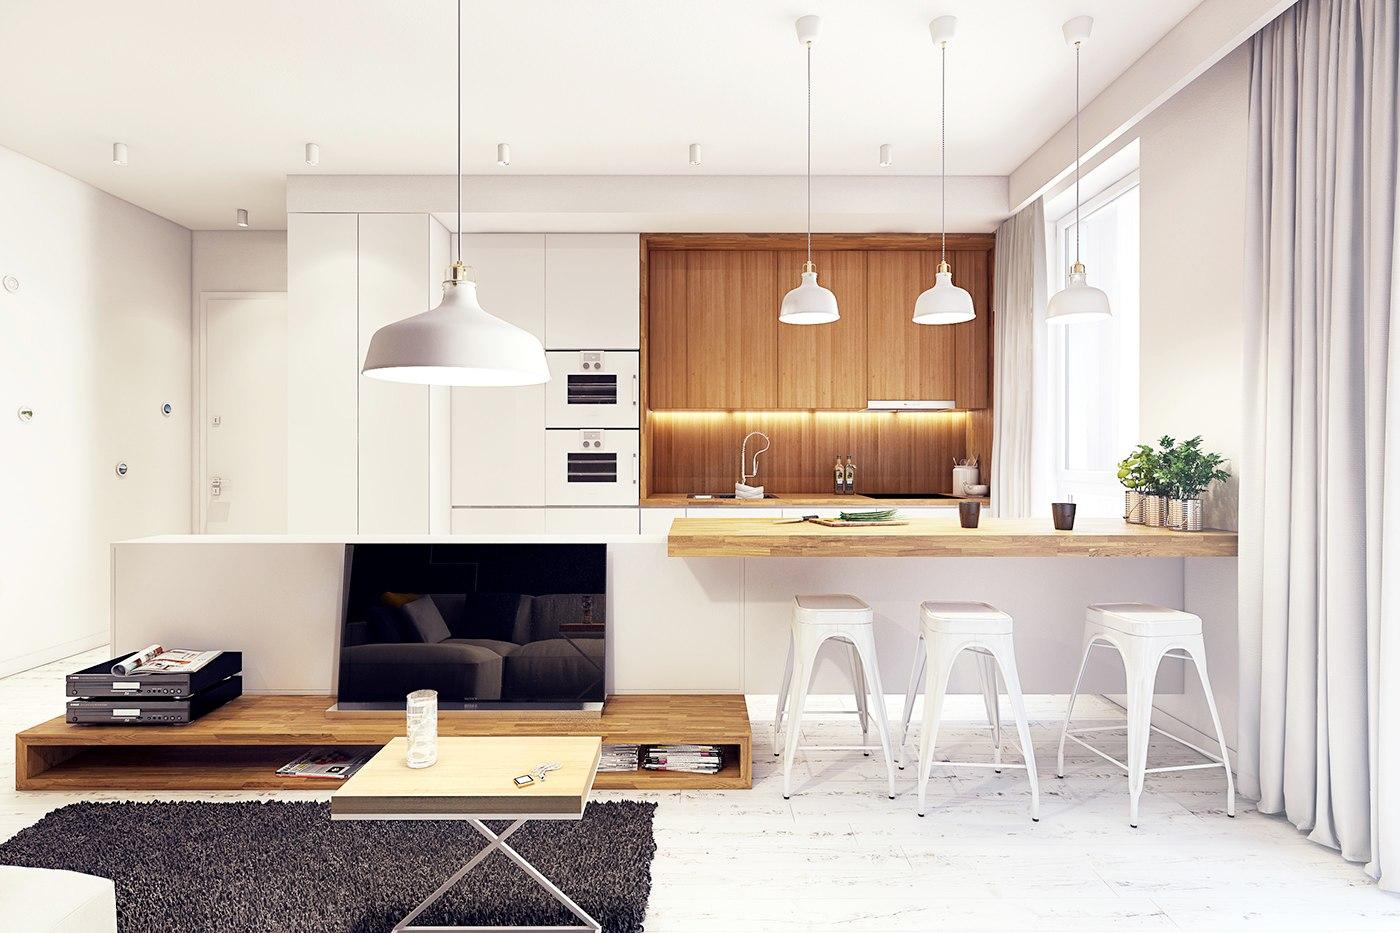 Необычная форма белых барных стульев в интерьере кухни